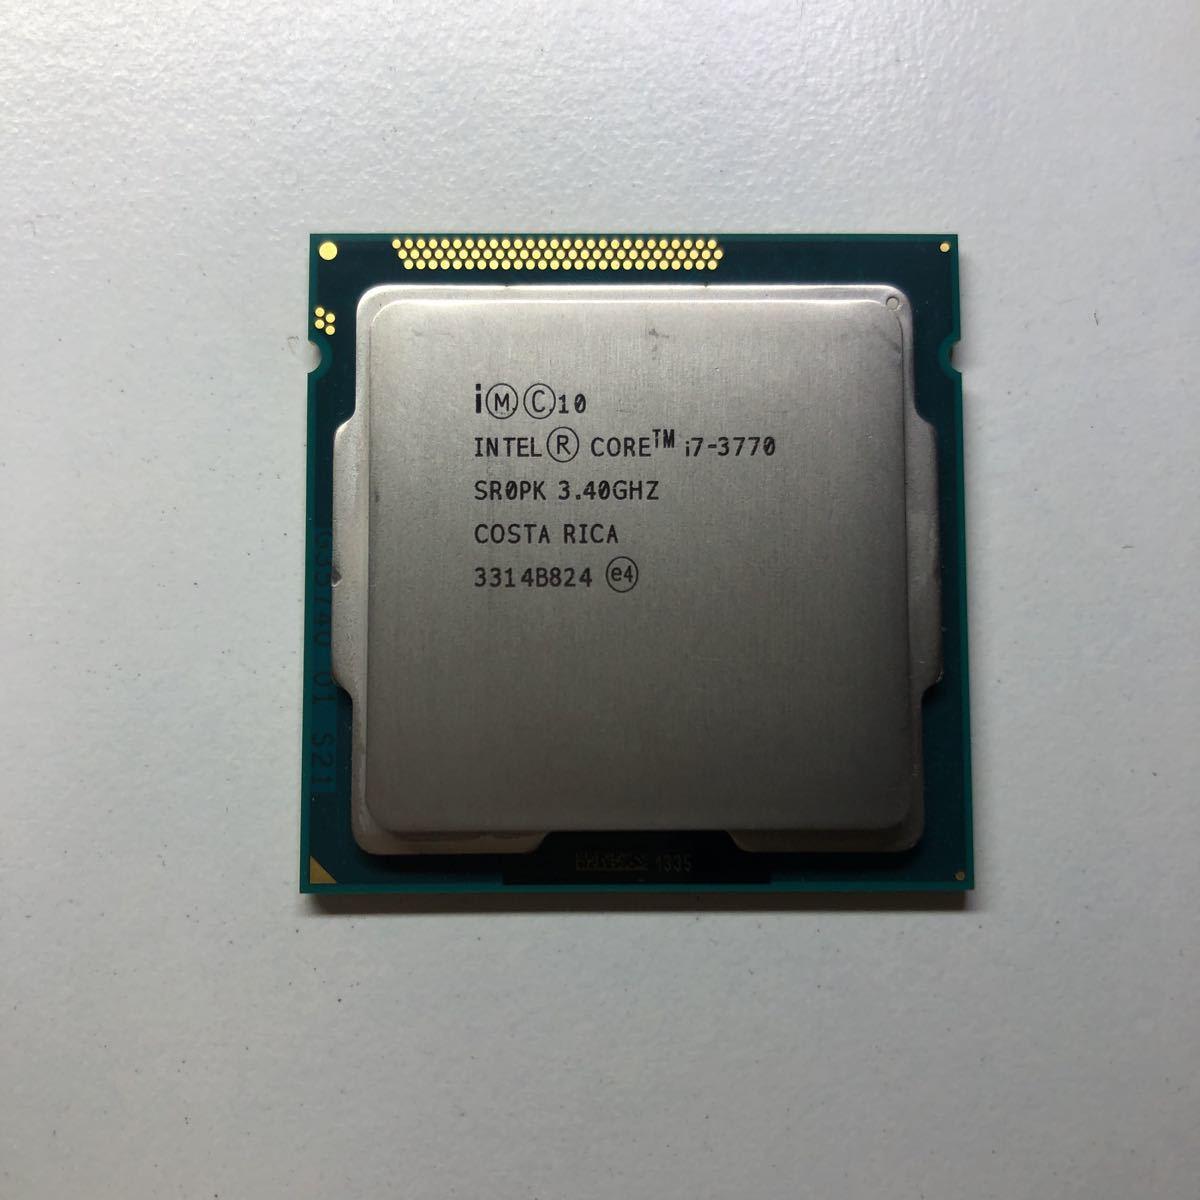 Intel core i7-3770 3.40GHz/8M SR0PK